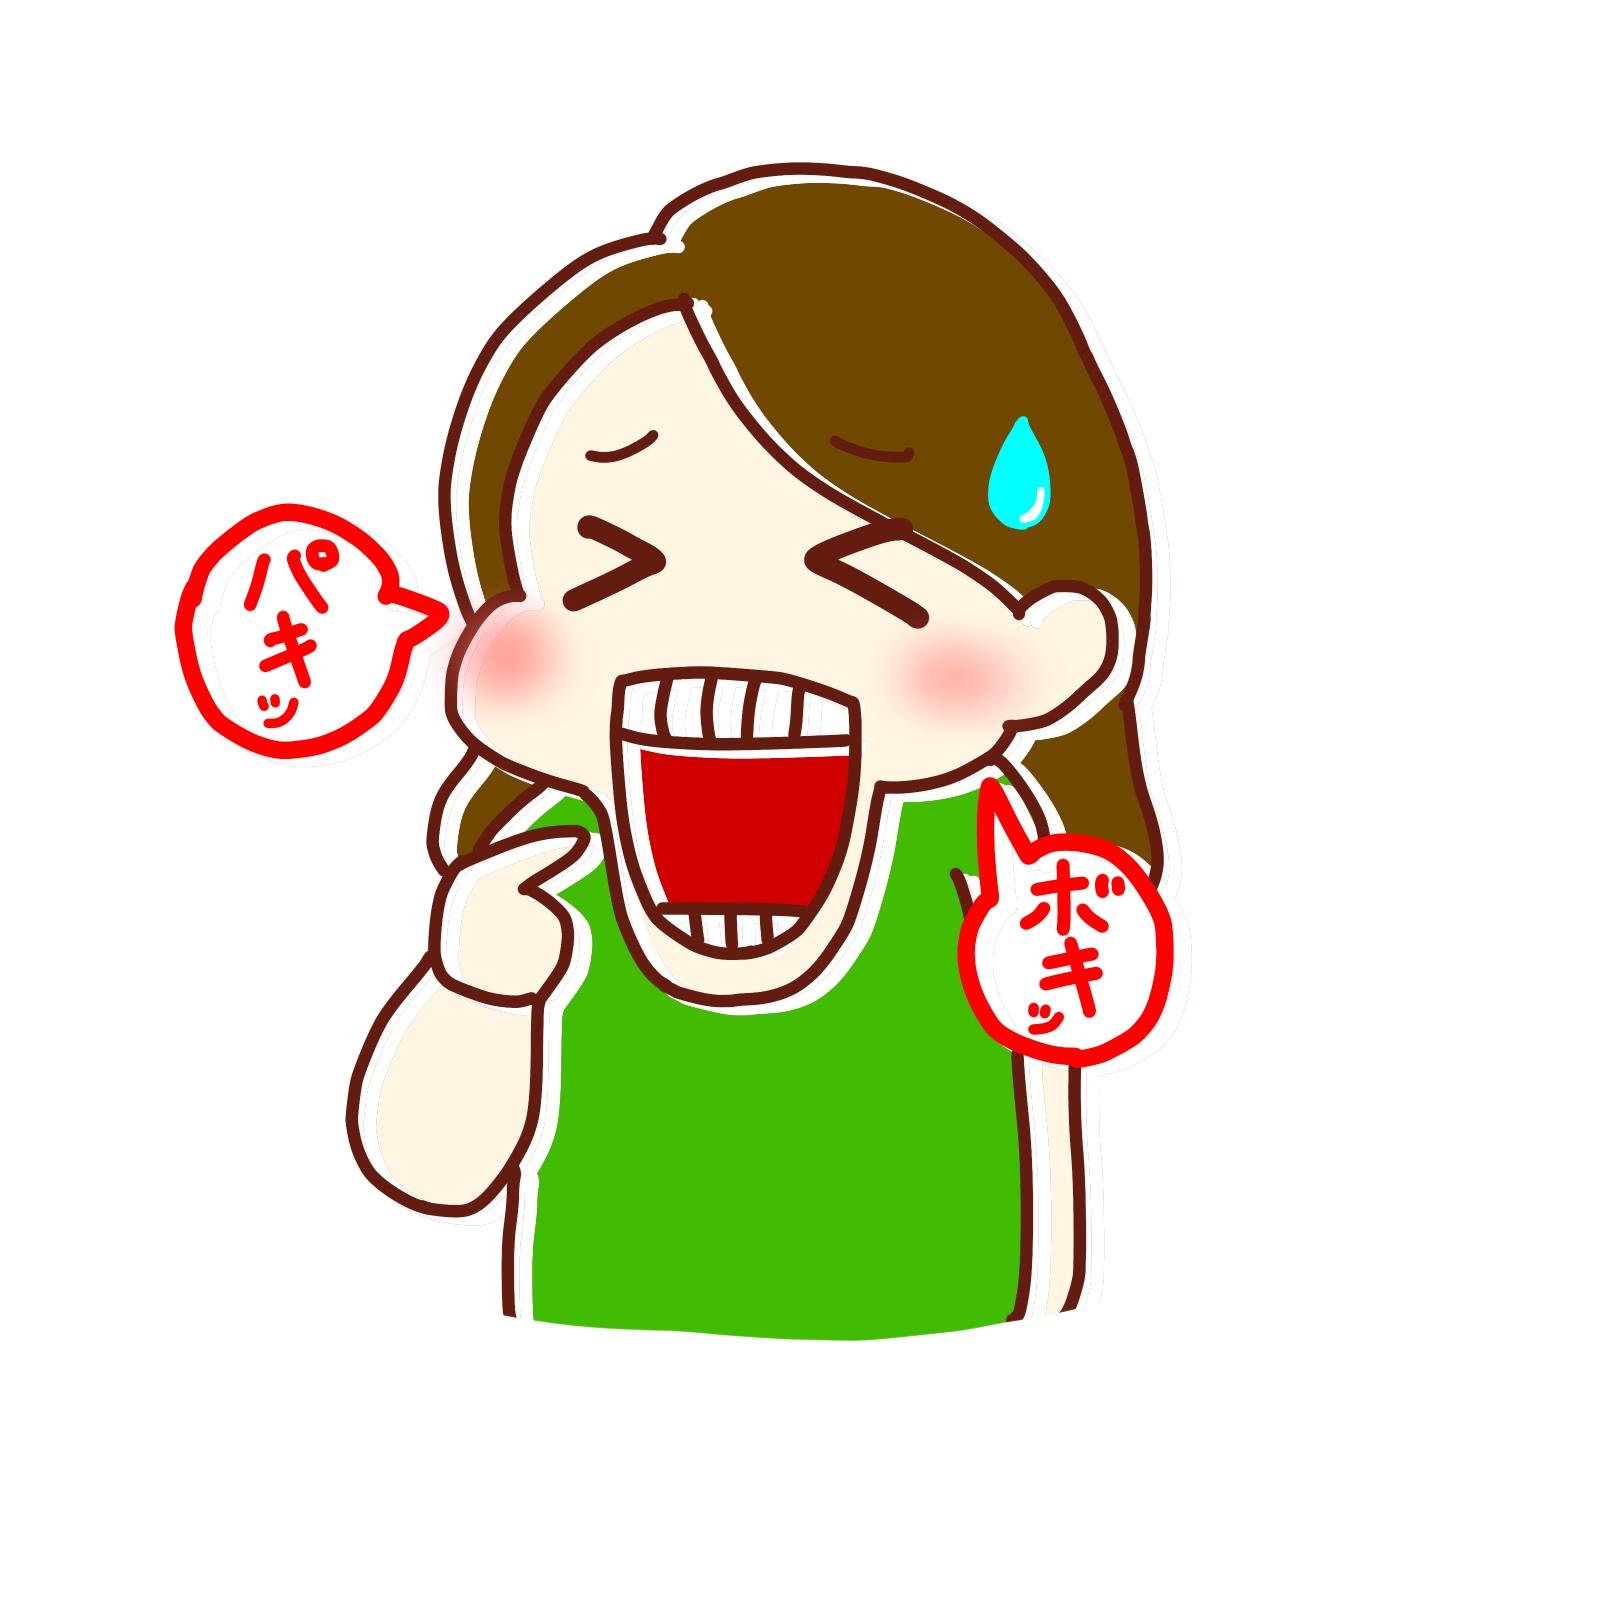 顎関節症 音 イラスト